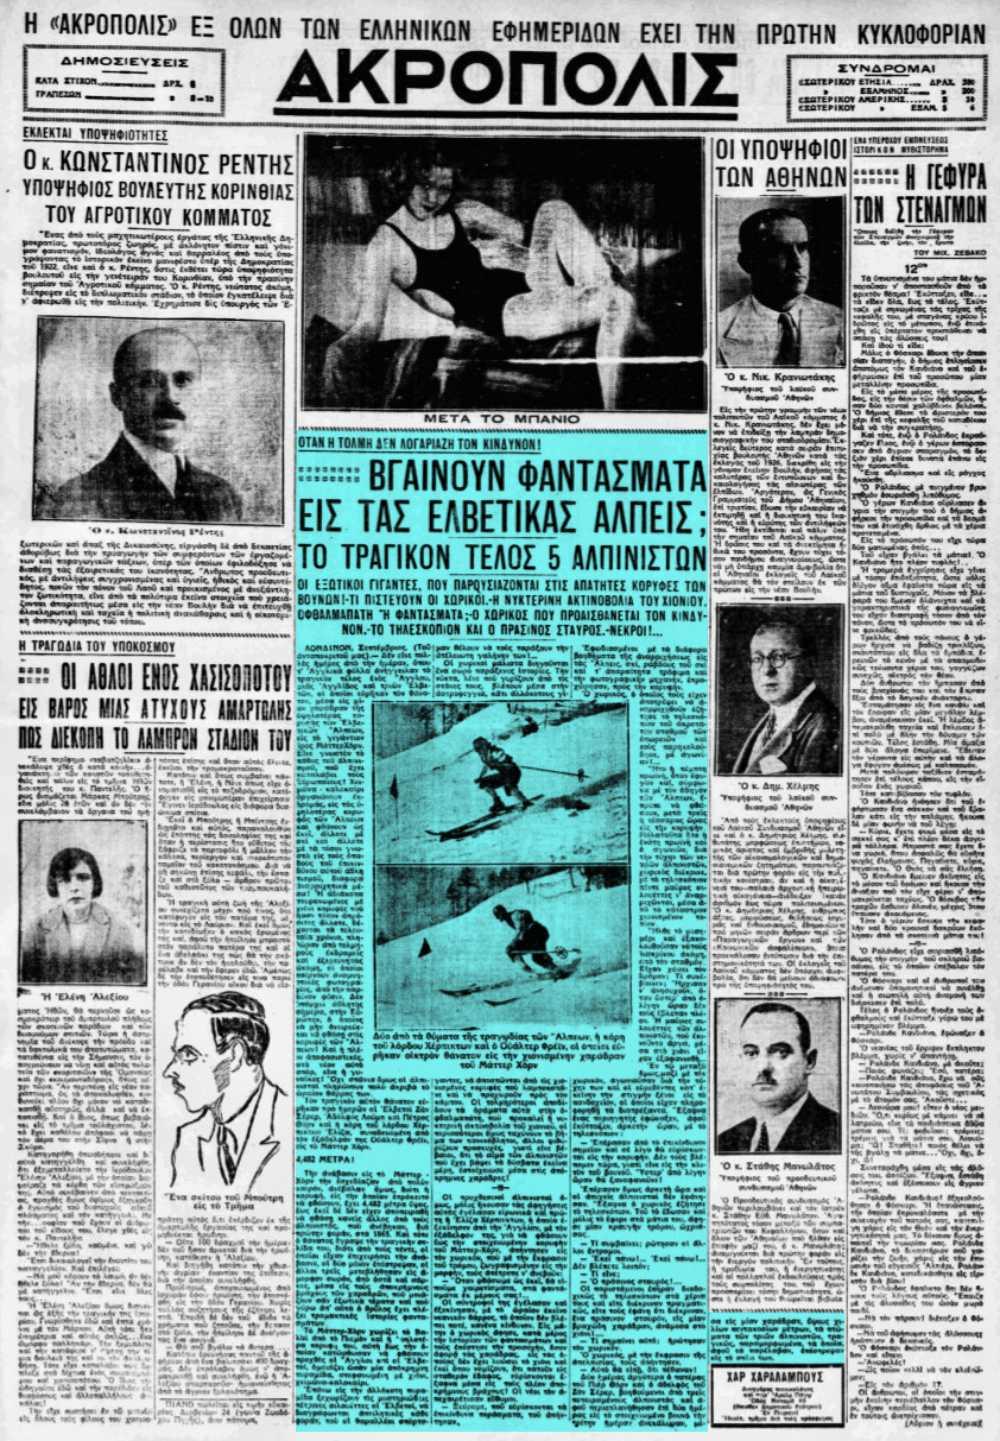 """Το άρθρο, όπως δημοσιεύθηκε στην εφημερίδα """"ΑΚΡΟΠΟΛΙΣ"""", στις 22/09/1932"""